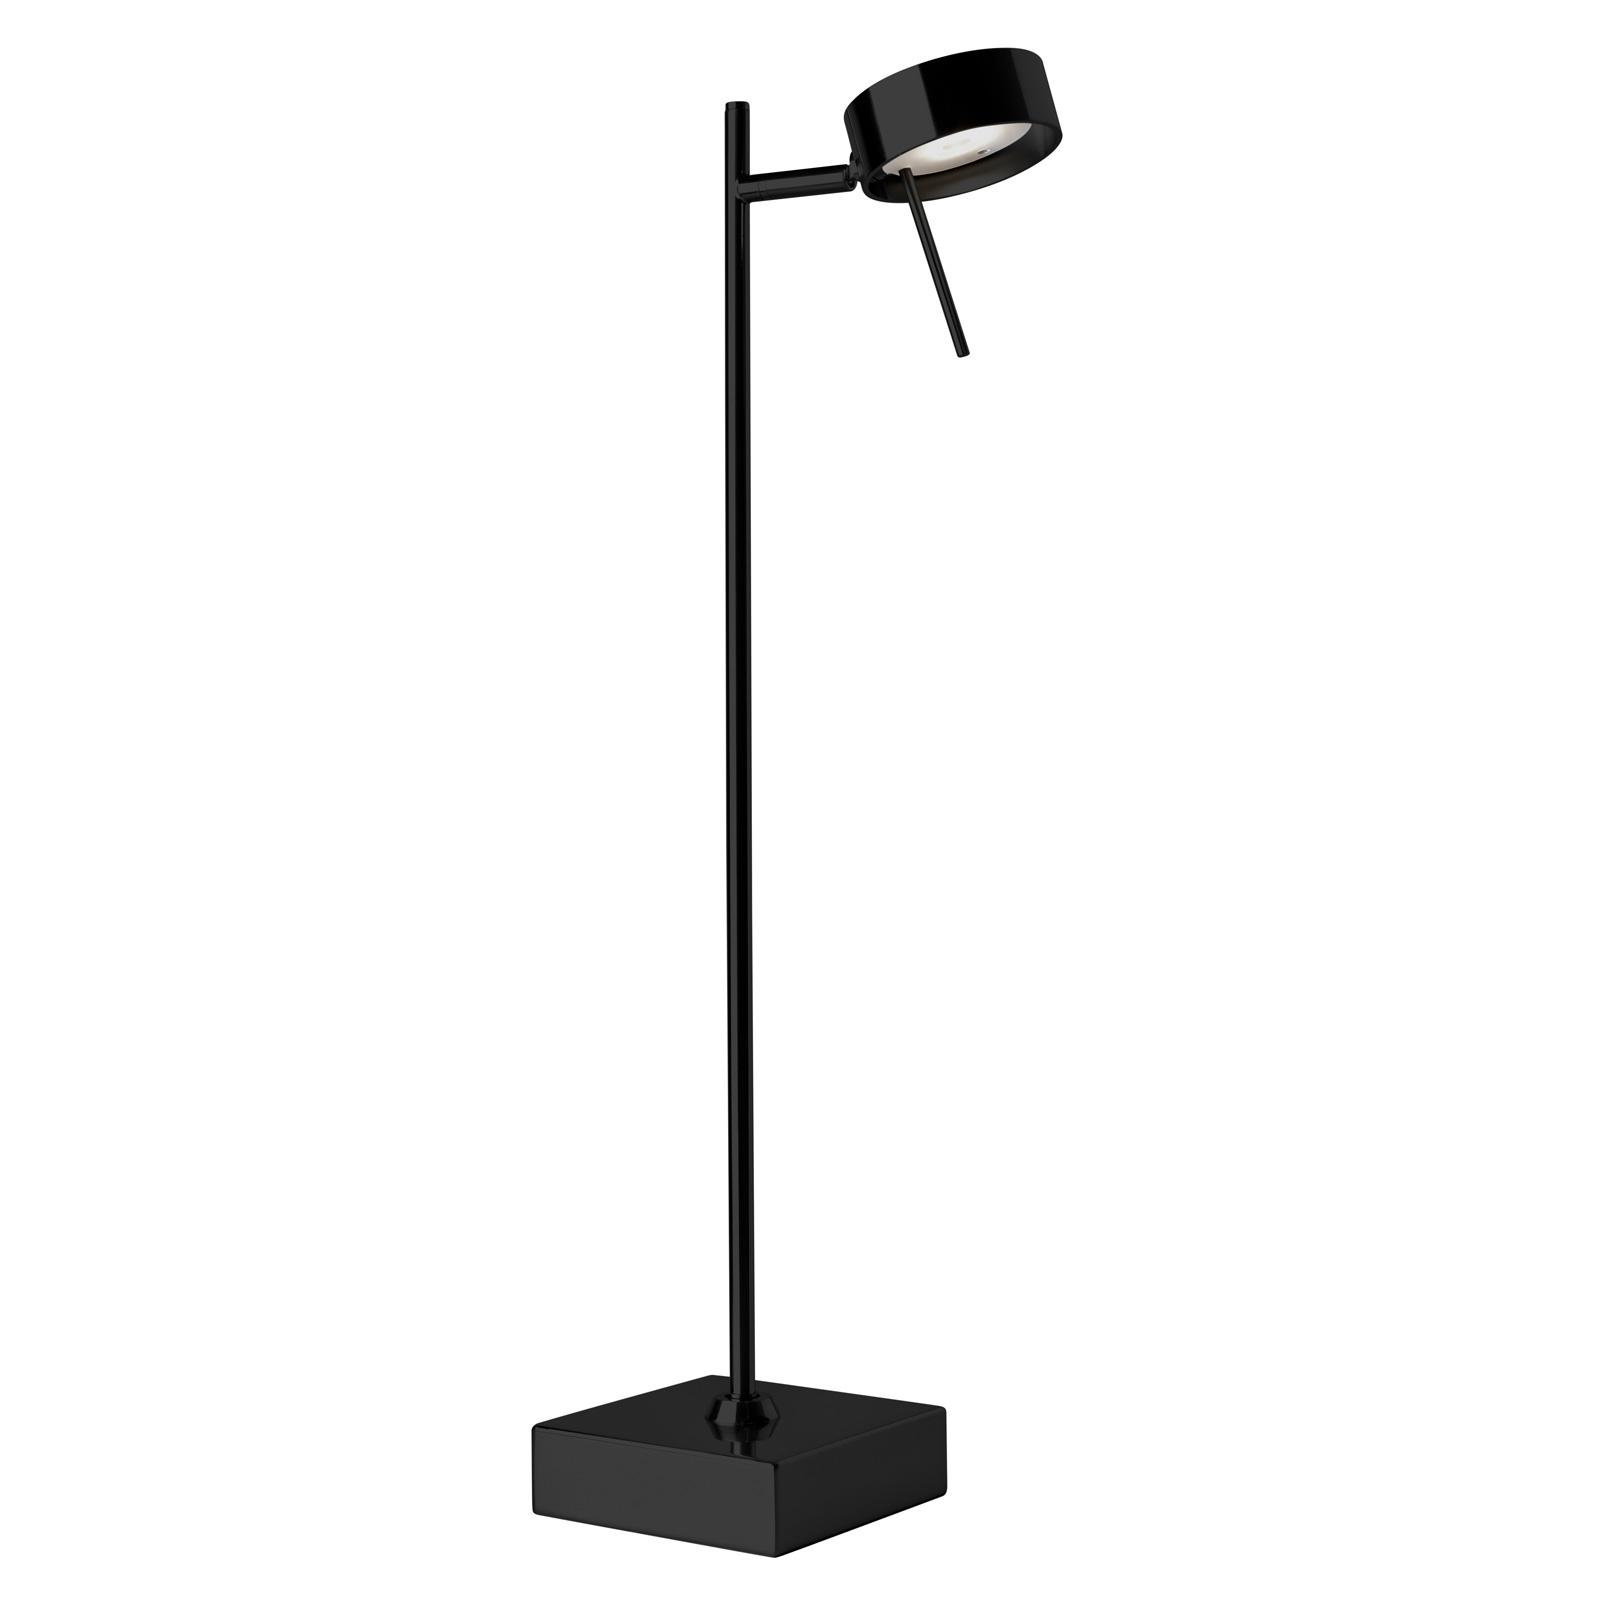 LED-pöytävalaisin Bling, himmennin, 1-lamp. musta